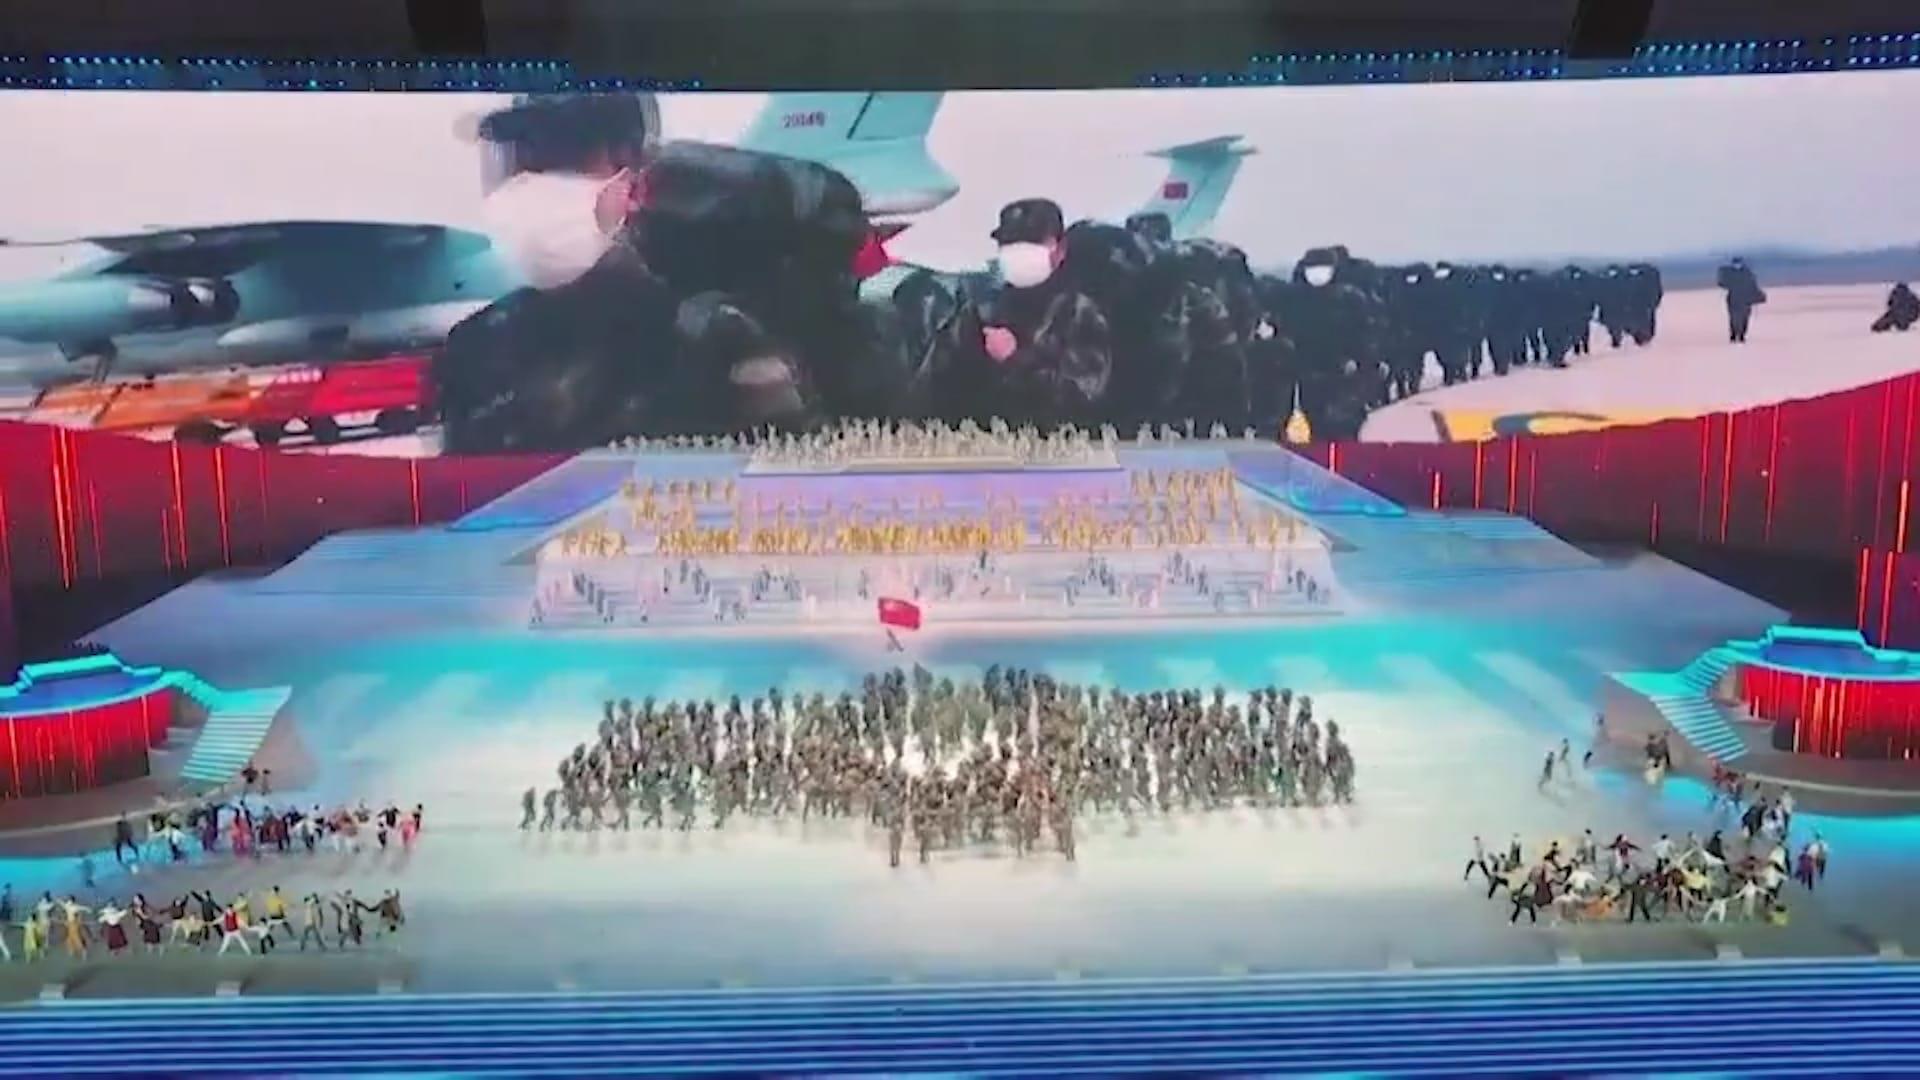 إنجازات الصين في أولمبياد طوكيو تفتح باب التوقعات لمنافسة شرسة في ألعاب بكين الشتوية